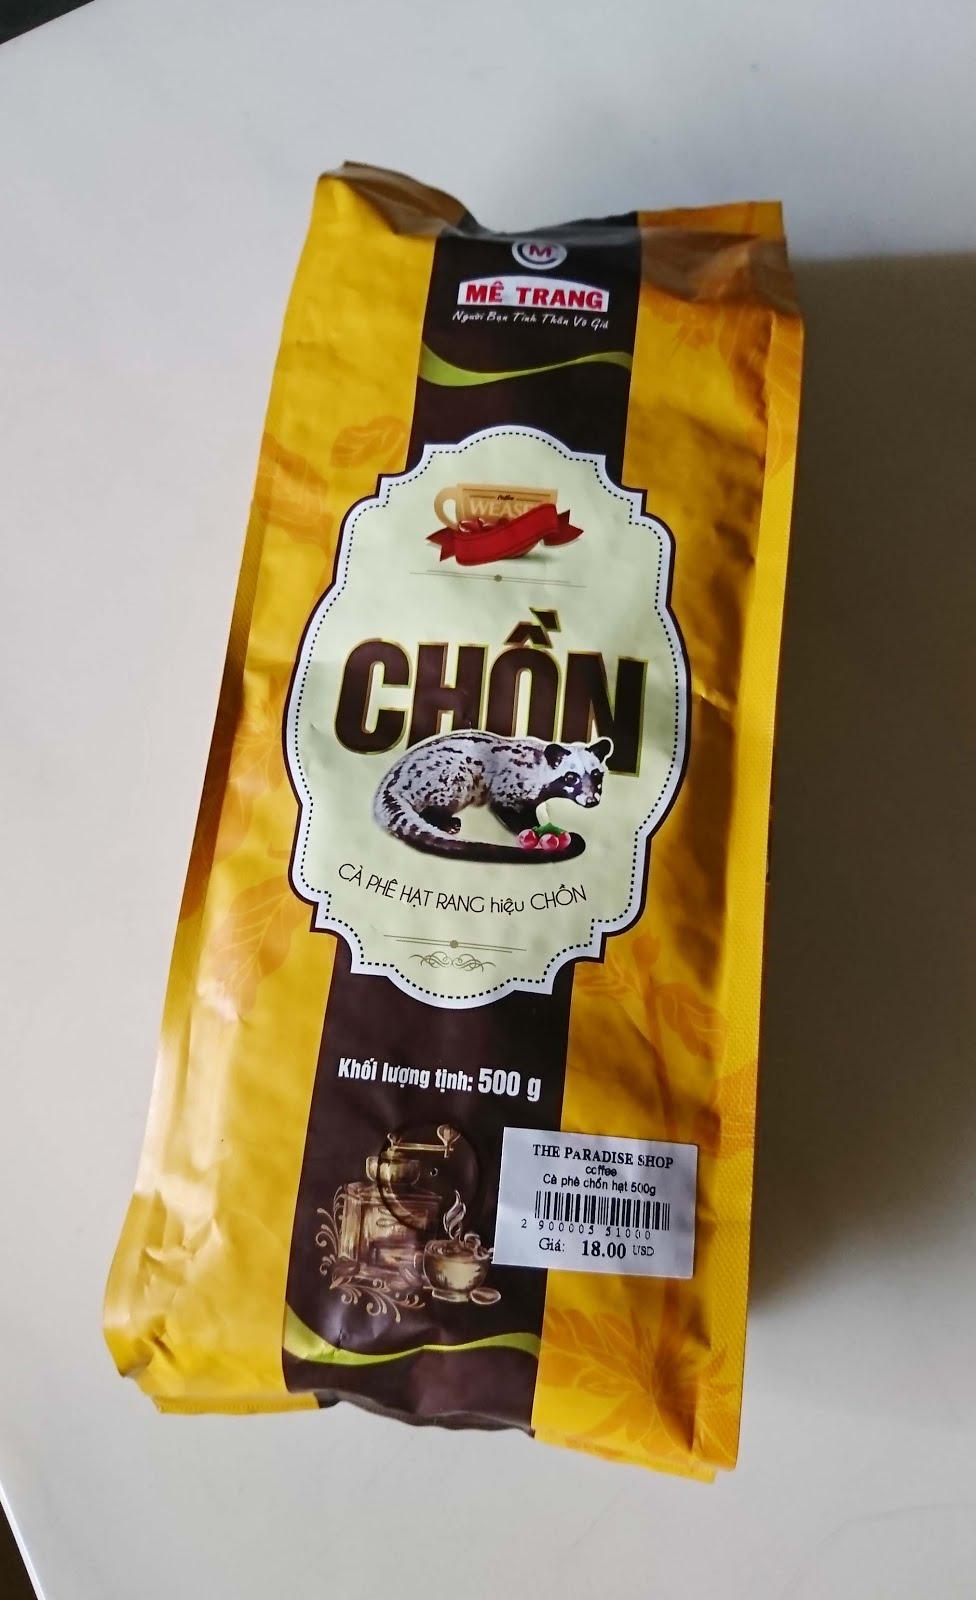 夢想與創造: [咖啡] 越南 Mê Trang 麝香貓咖啡 chon WEASEL